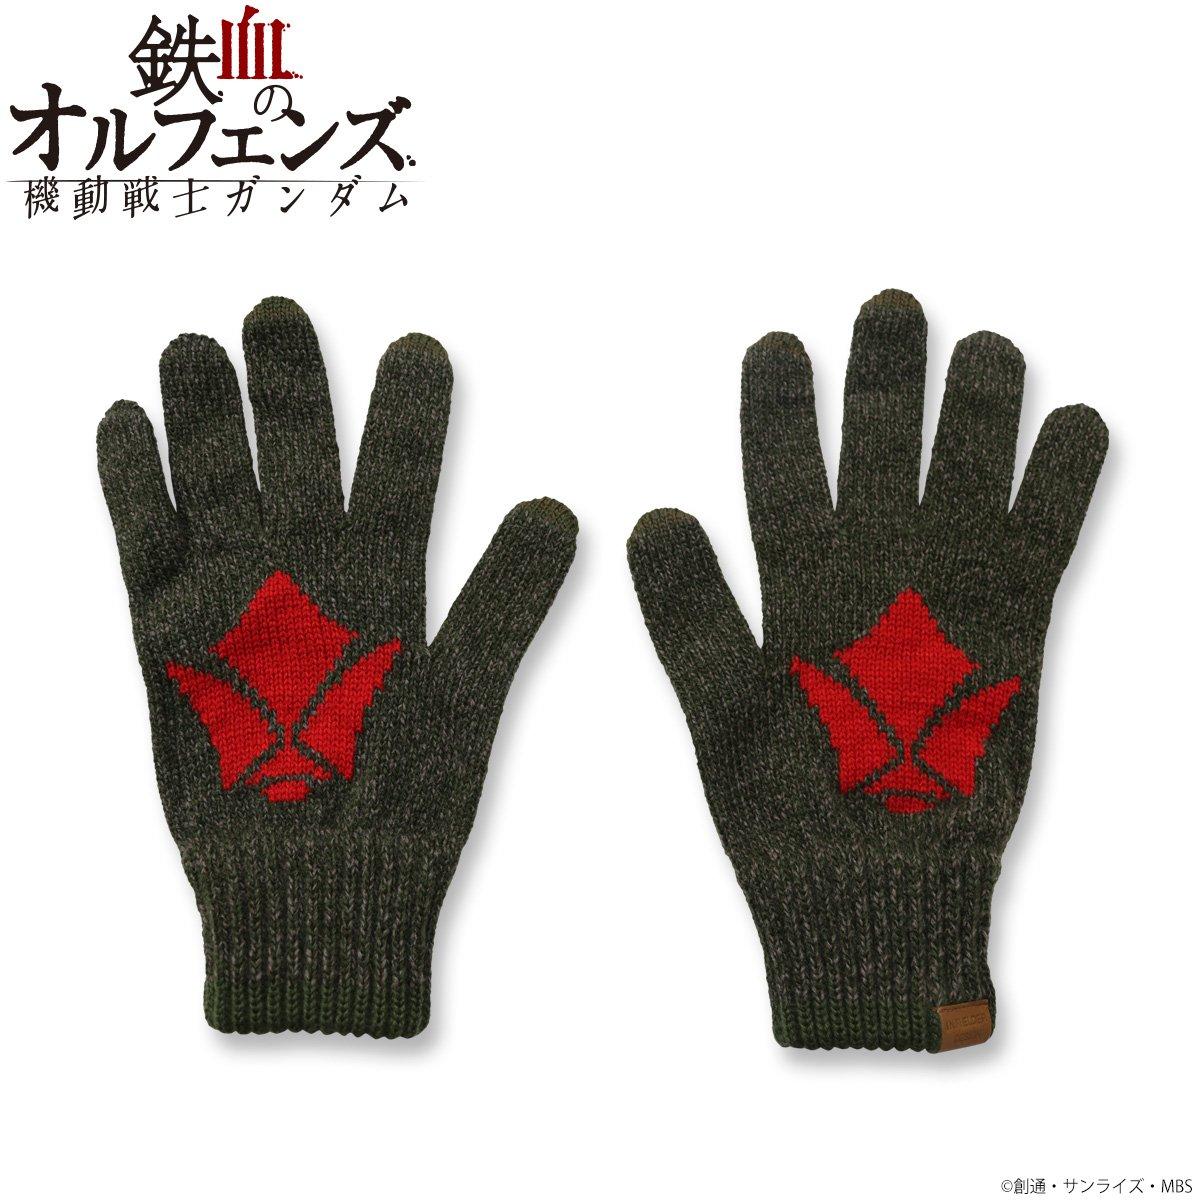 『機動戦士ガンダム 鉄血のオルフェンズ』より、鉄華団マークの入ったアパレルグッズが登場!イヤーマフや手袋など、これからの